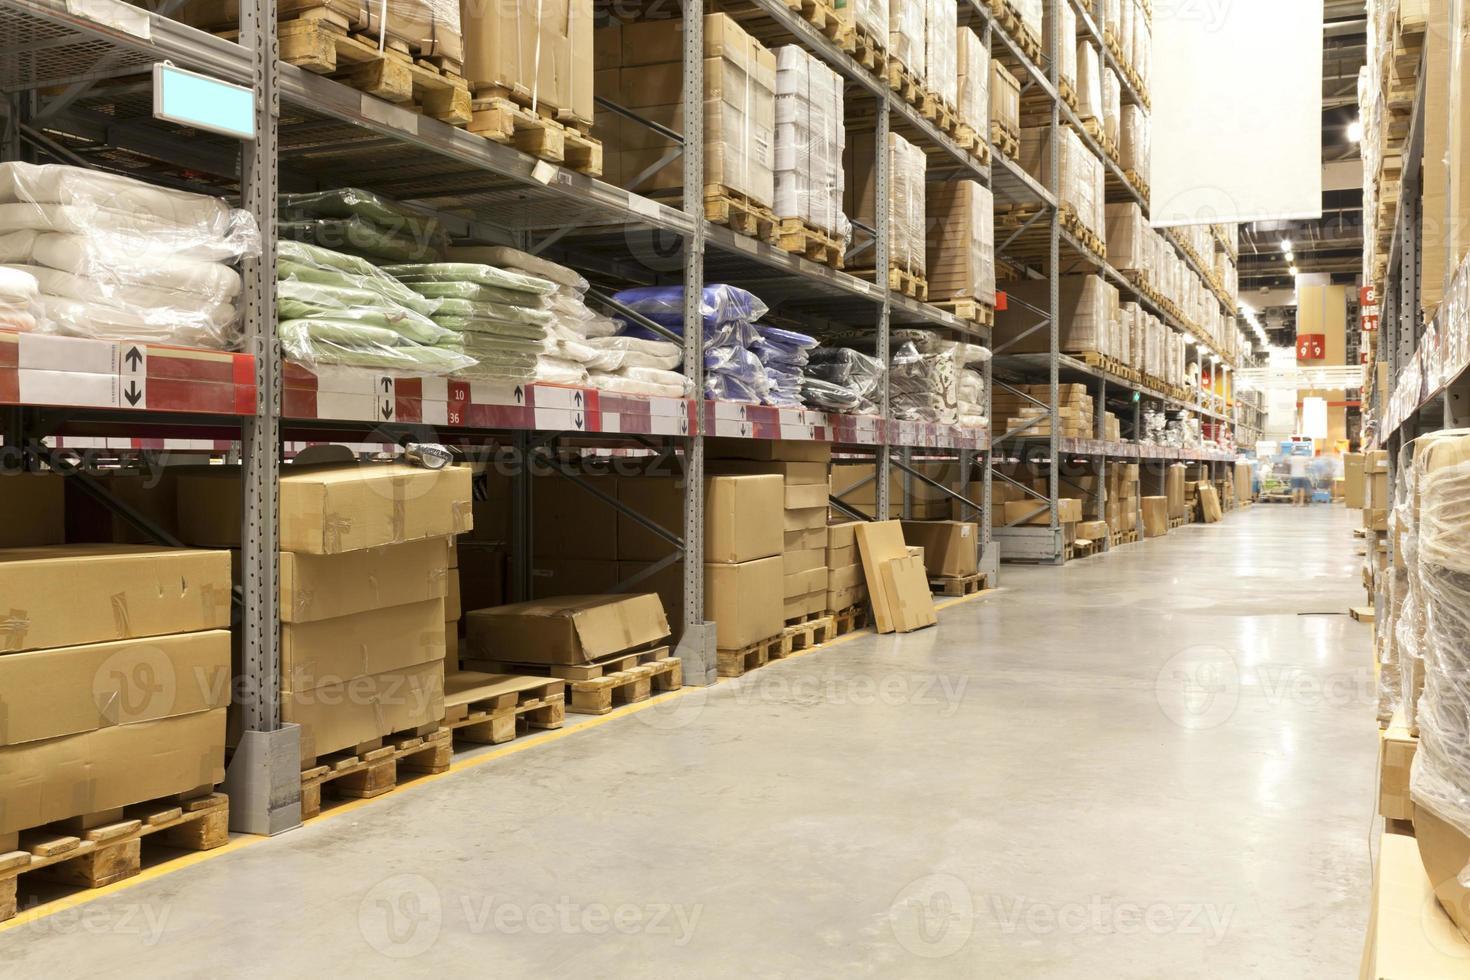 marchandises emballées dans un entrepôt de distribution photo